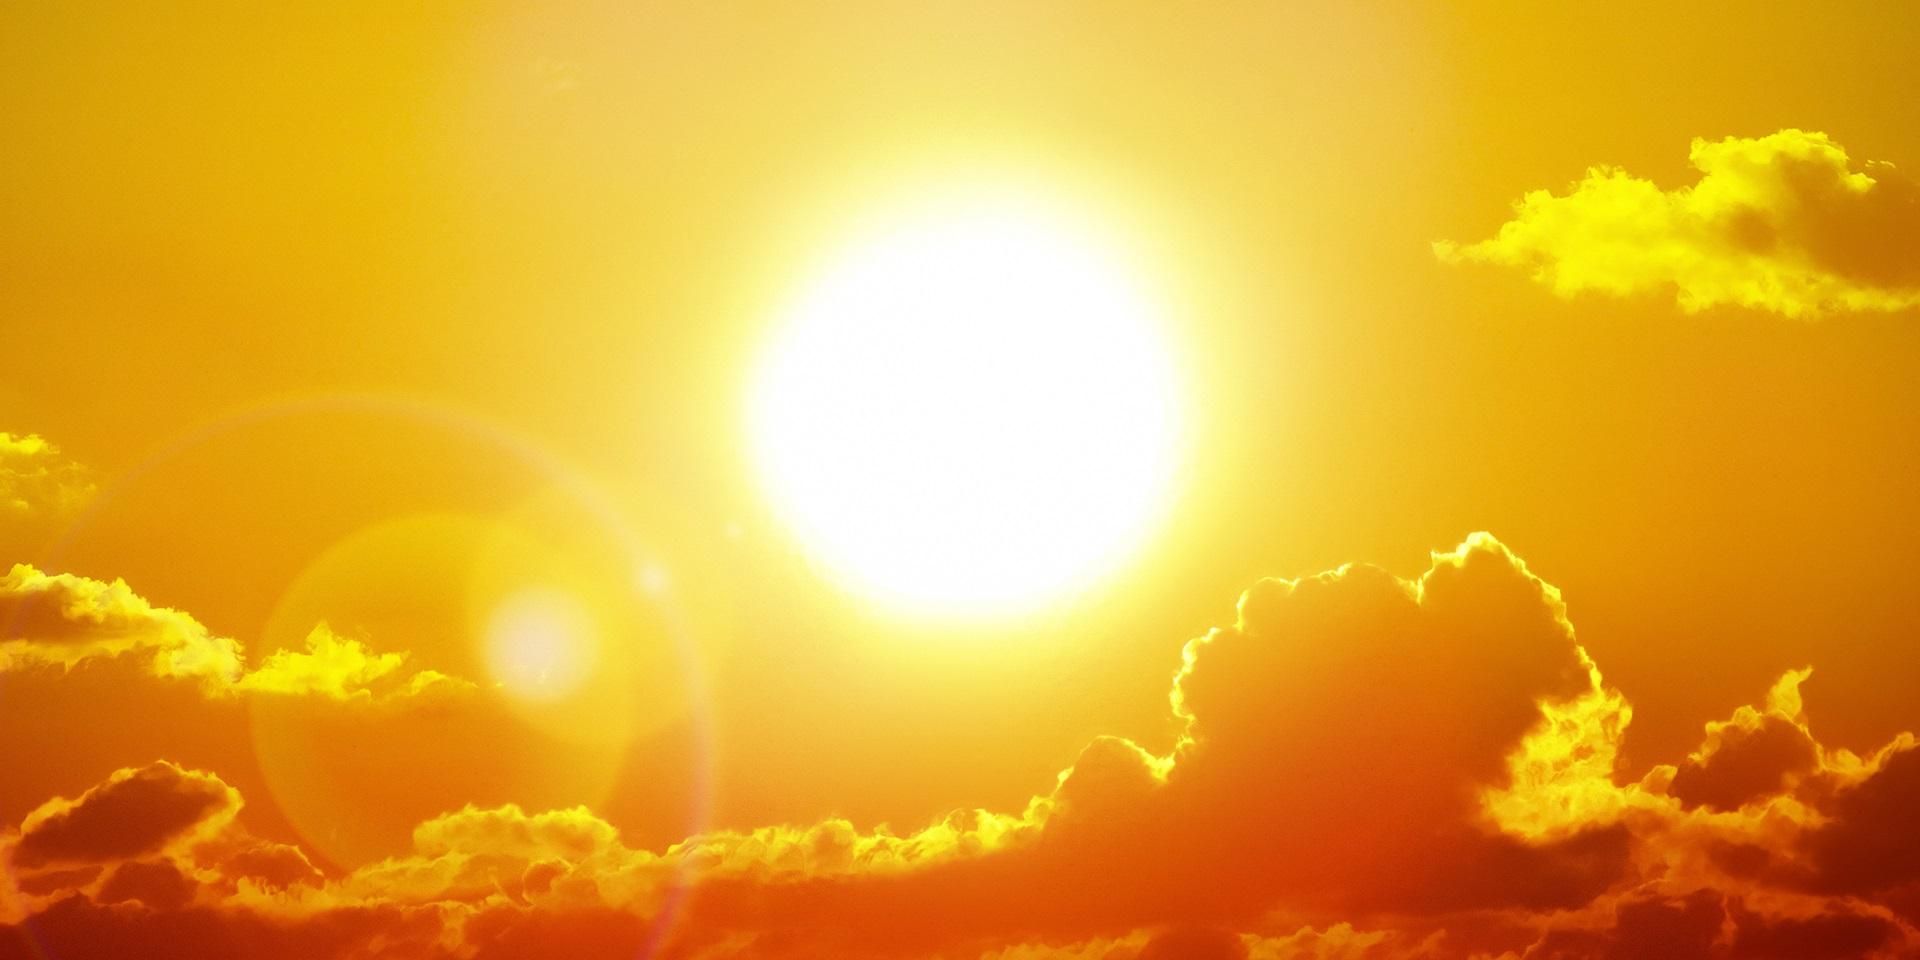 Погода в Казахстане: синоптики прогнозируют жару